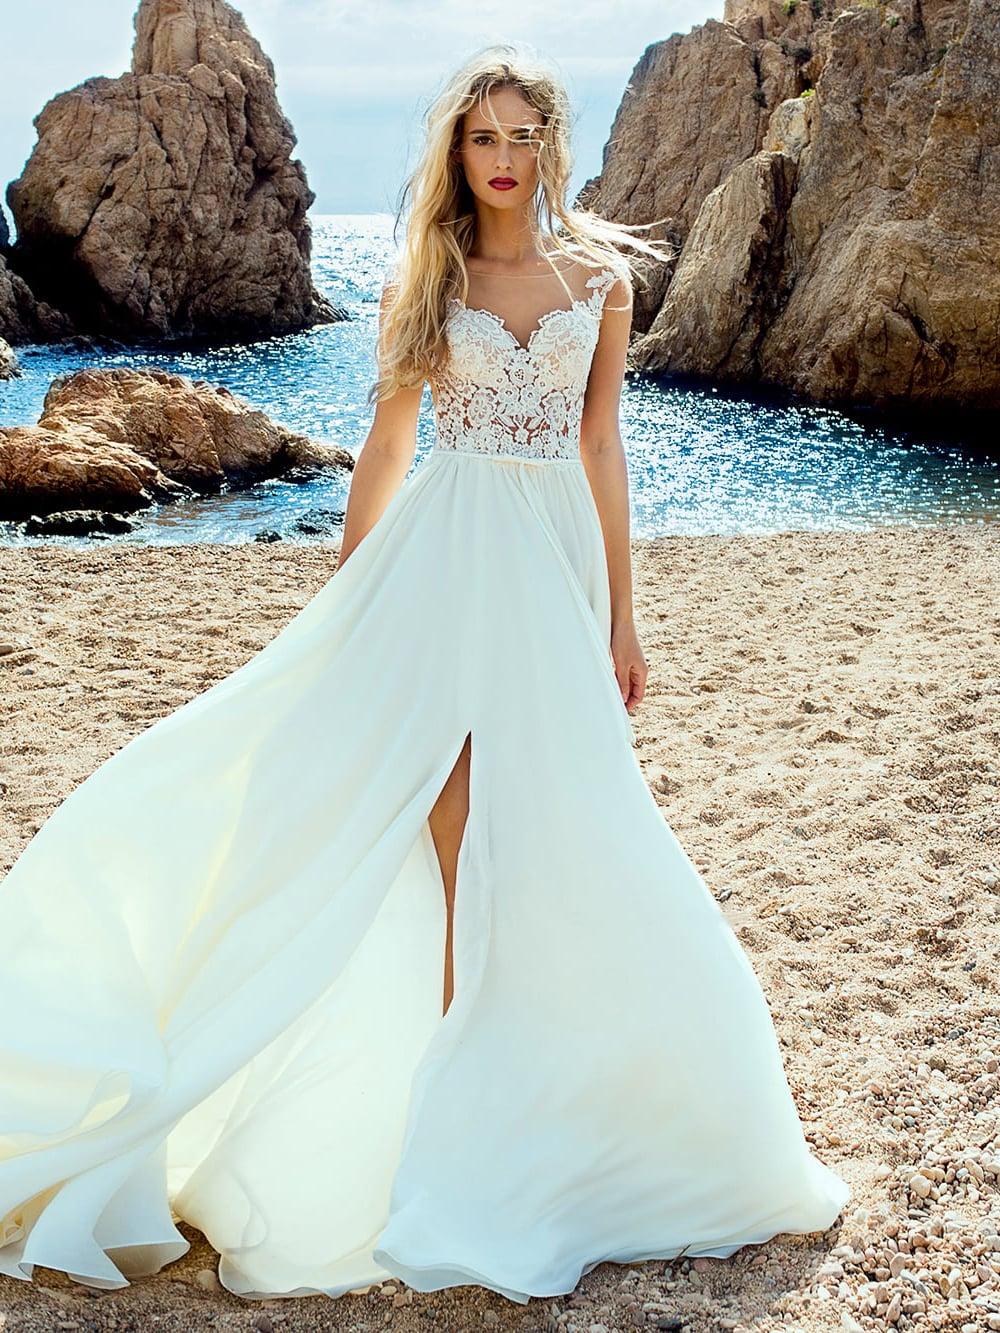 Платья для свадьбы на море фото